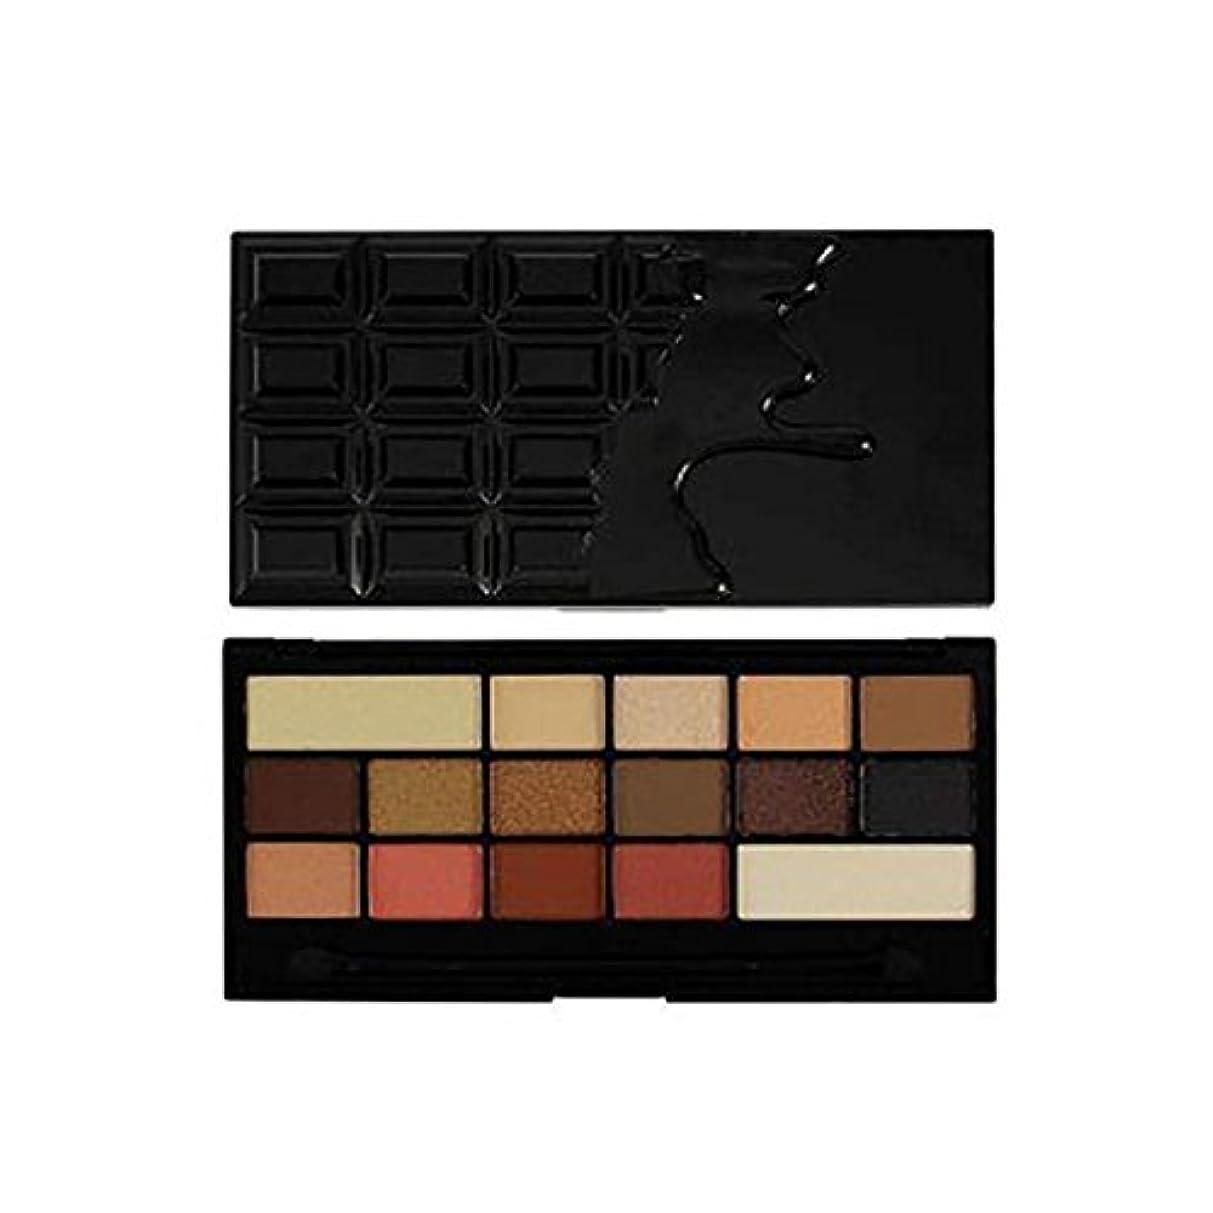 ローズ砂値I Heart Chocolate Eyeshadow Palette Vice (Pack of 6) - 私は心のチョコレートアイシャドウパレットバイス x6 [並行輸入品]